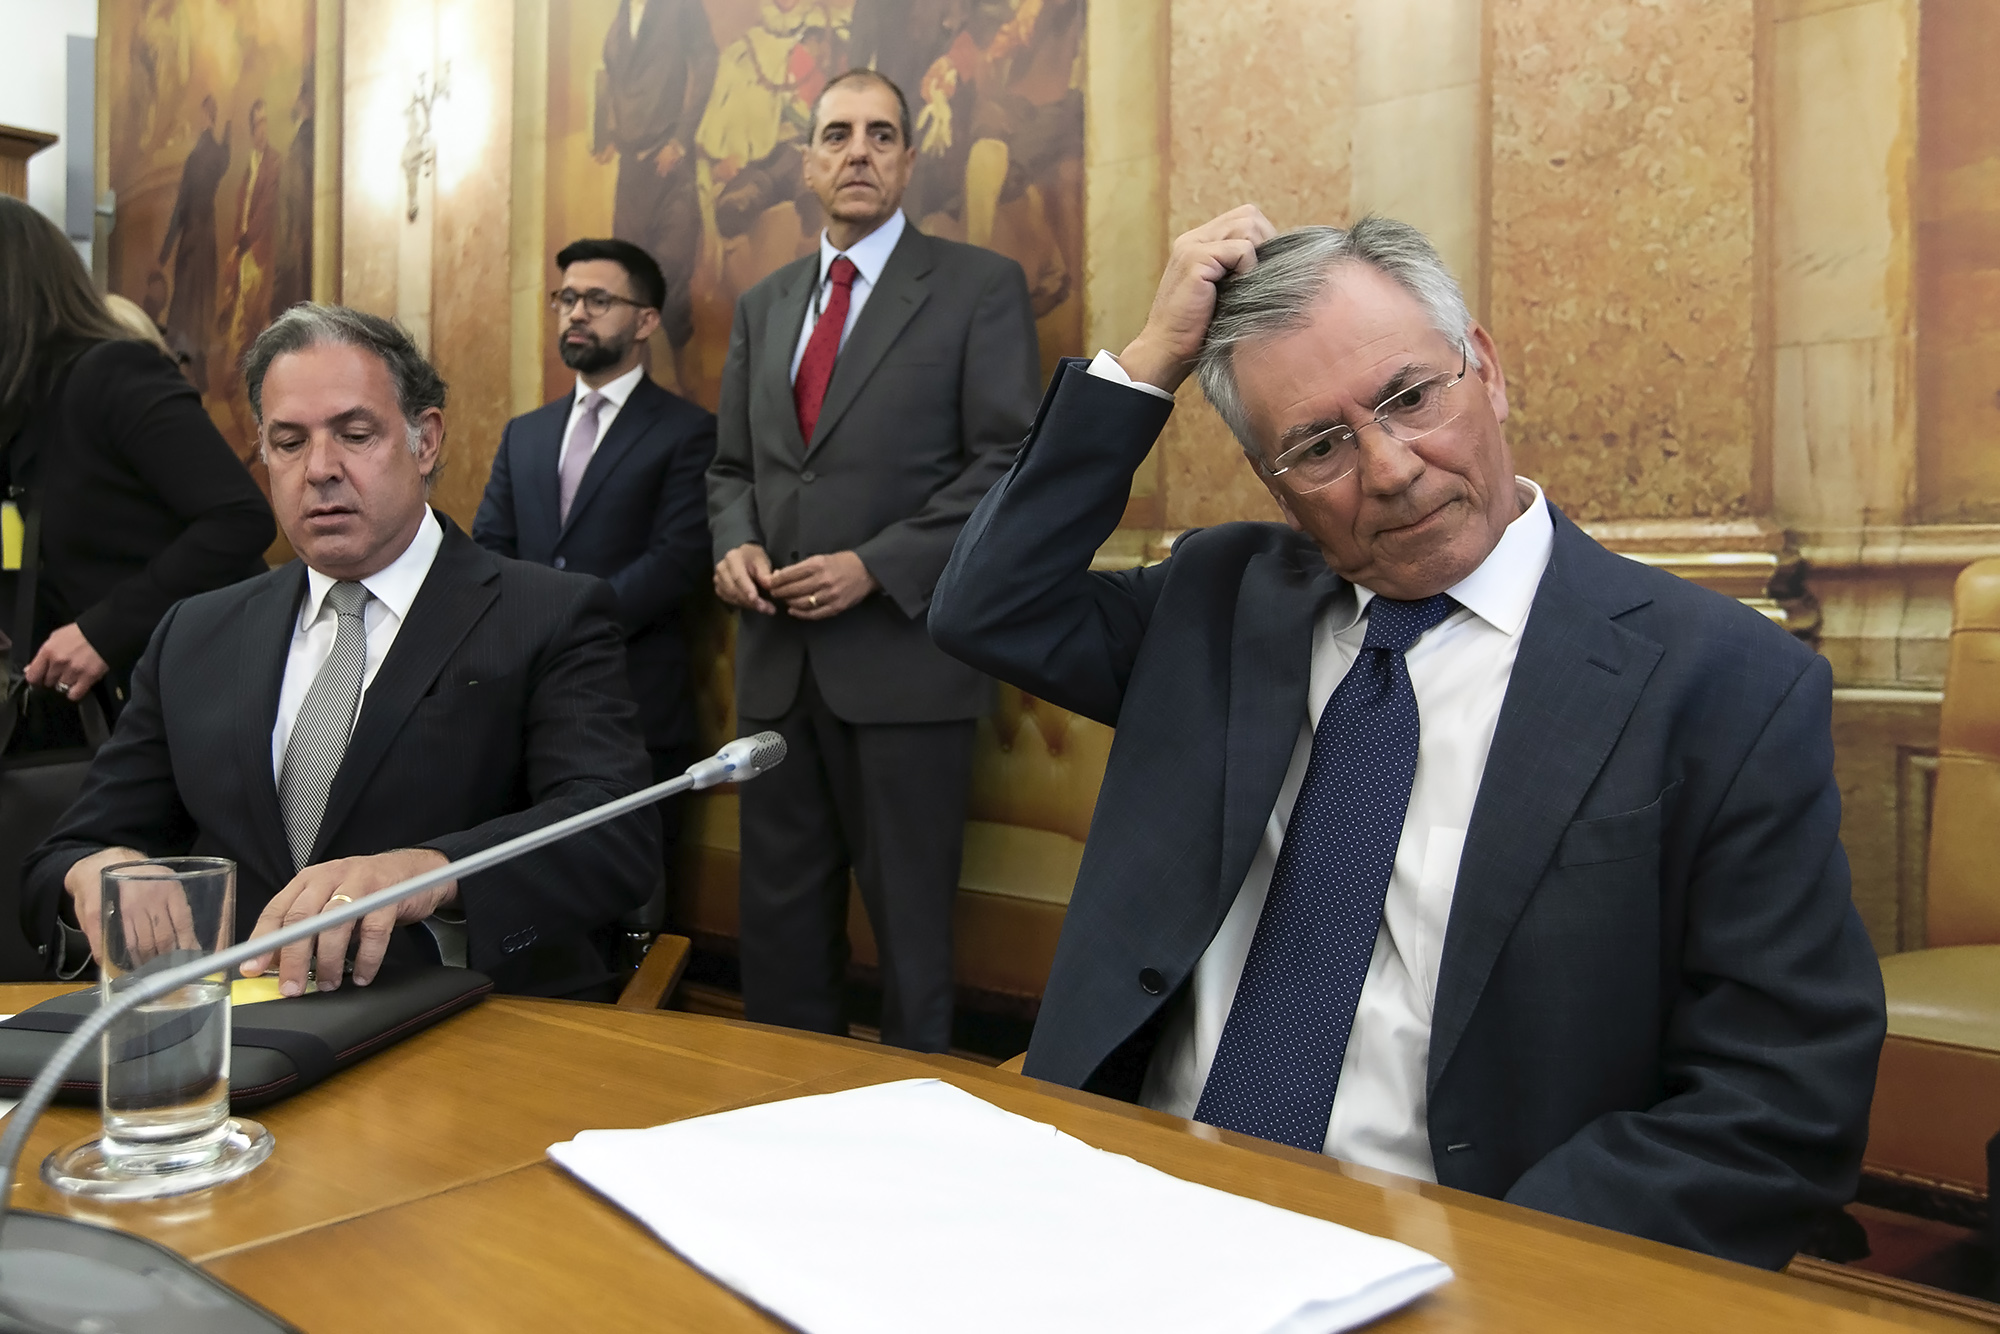 Armando Vara é ouvido perante a II COMISSÃO PARLAMENTAR DE INQUÉRITO À RECAPITALIZAÇÃO DA CAIXA GERAL DE DEPÓSITOS E À GESTÃO DO BANCO